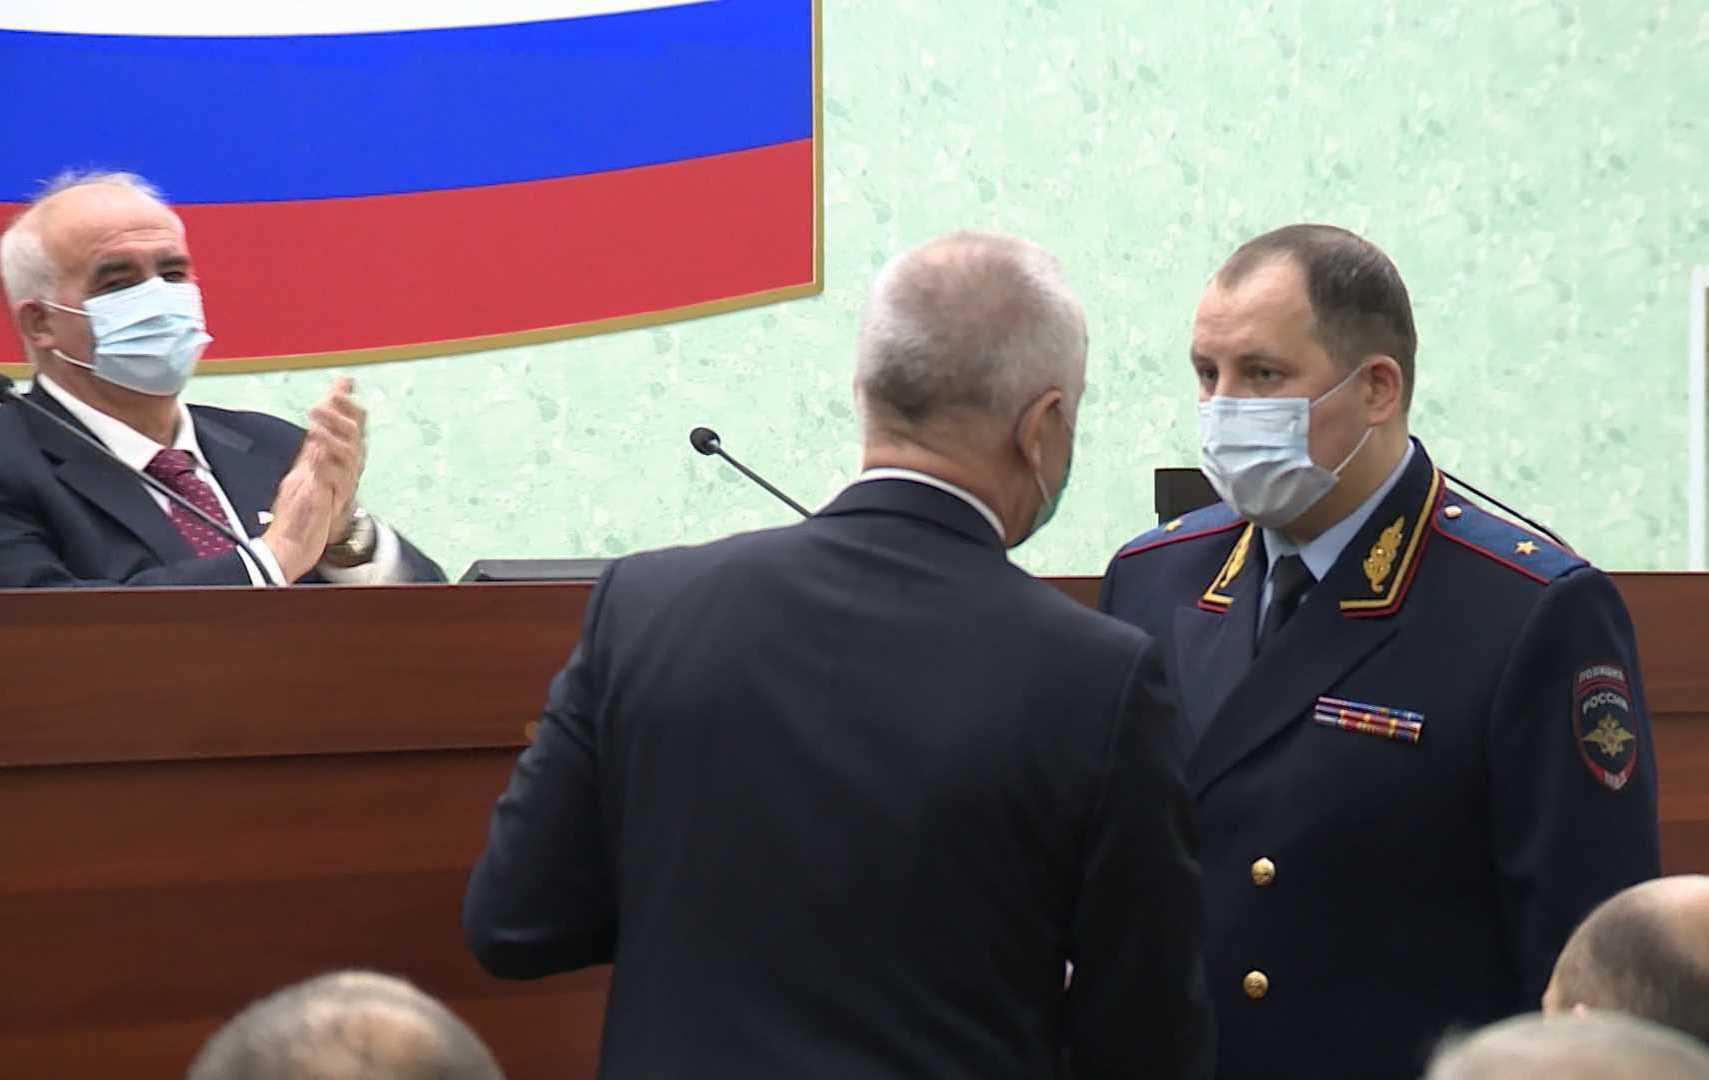 Заслуги главного полицейского Костромской области оценили на уровне ЦФО